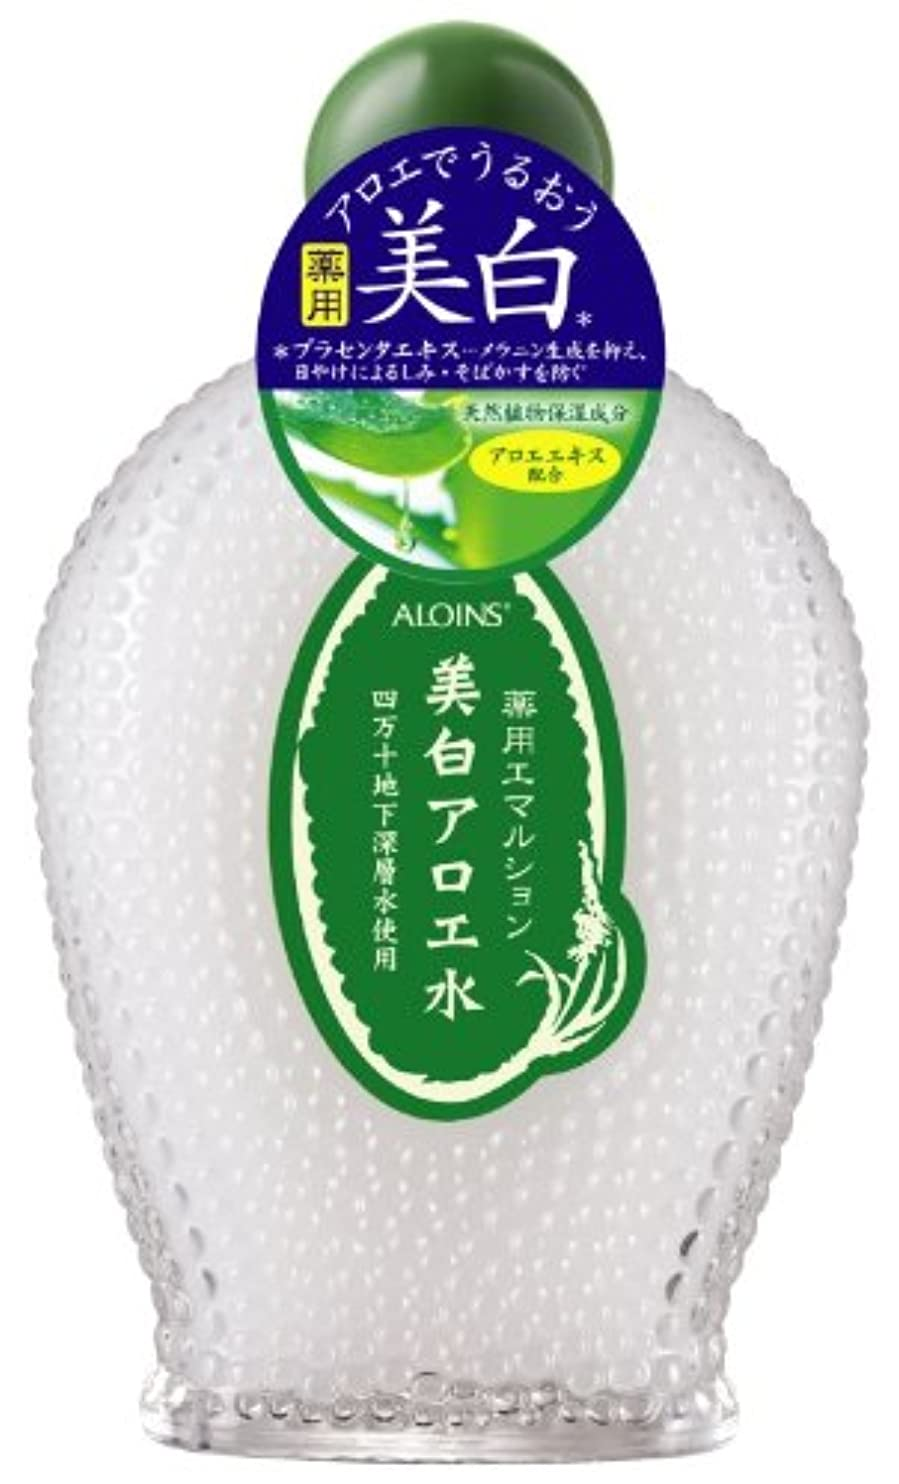 モードリン集団的狂うアロインス 美白アロエ水 薬用エマルション 150mL